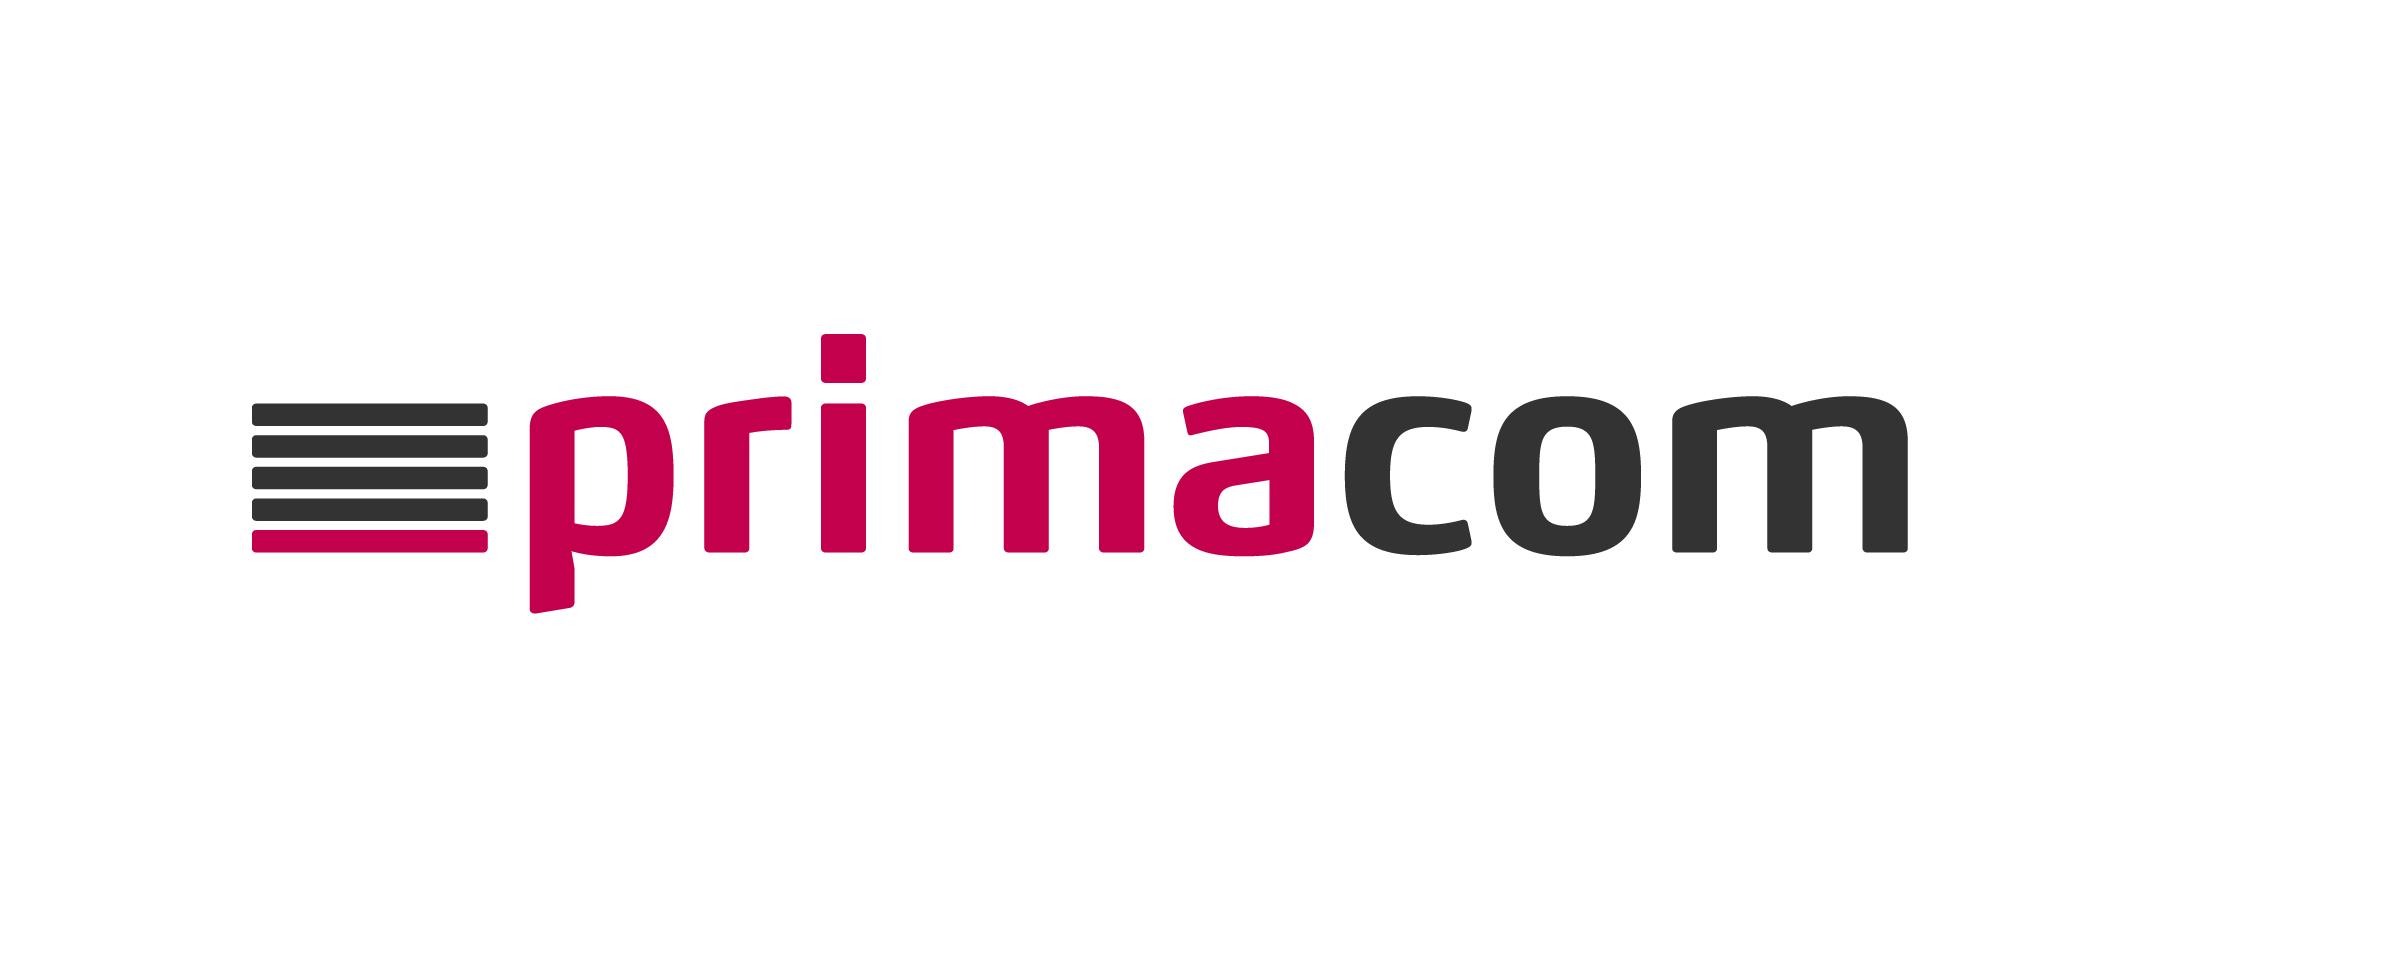 Firmenlogo Primacom